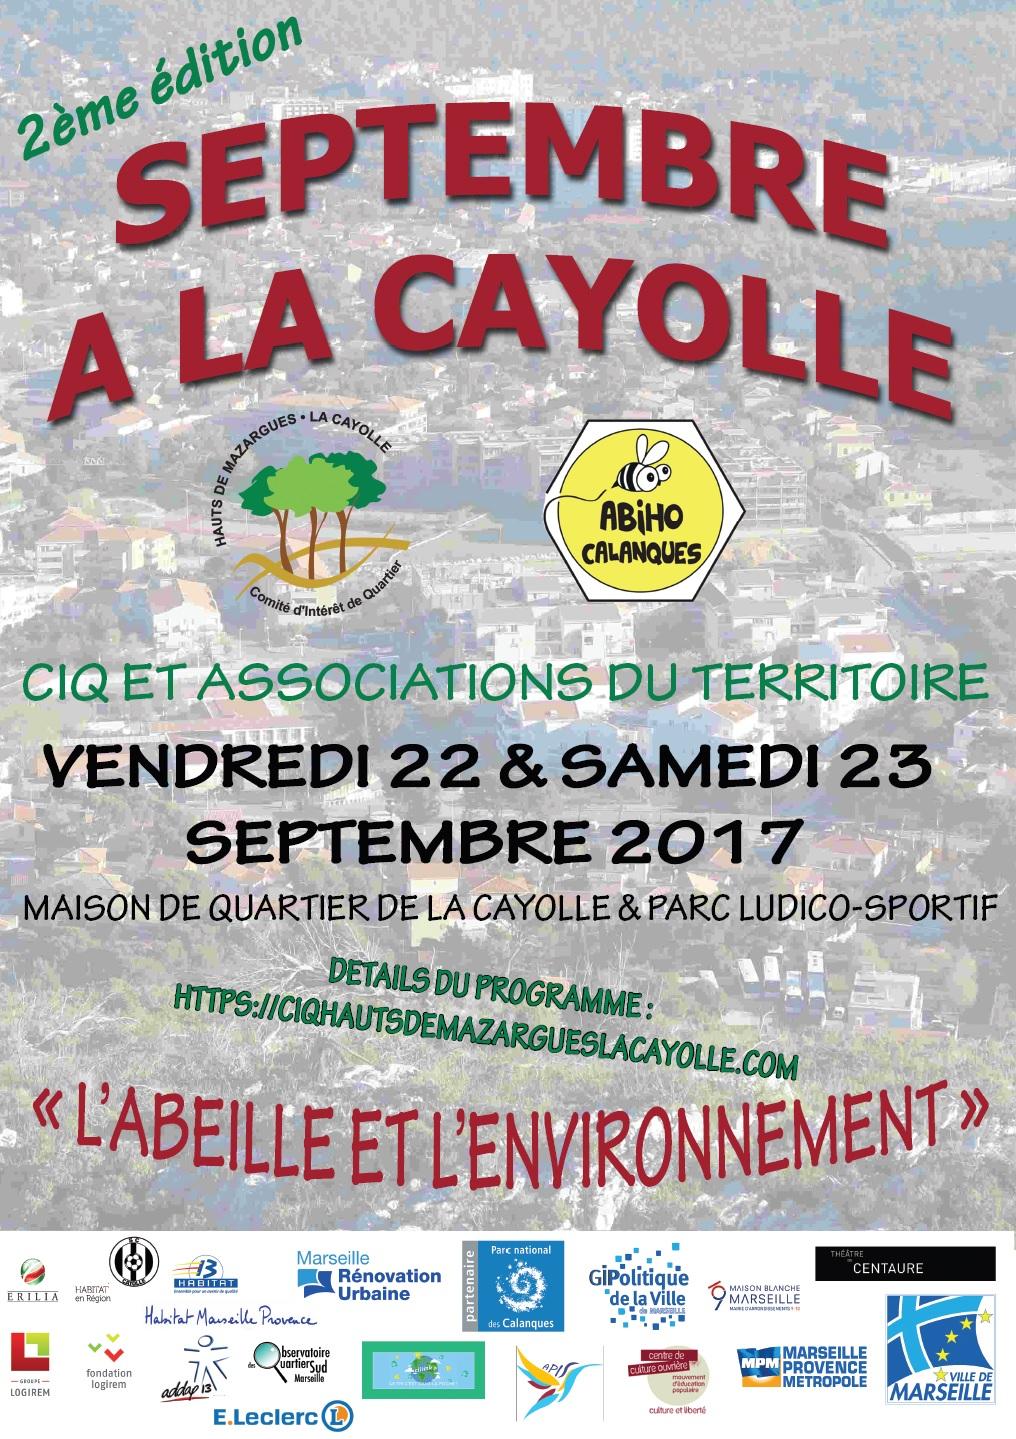 Septembre à La Cayolle 2 é édition